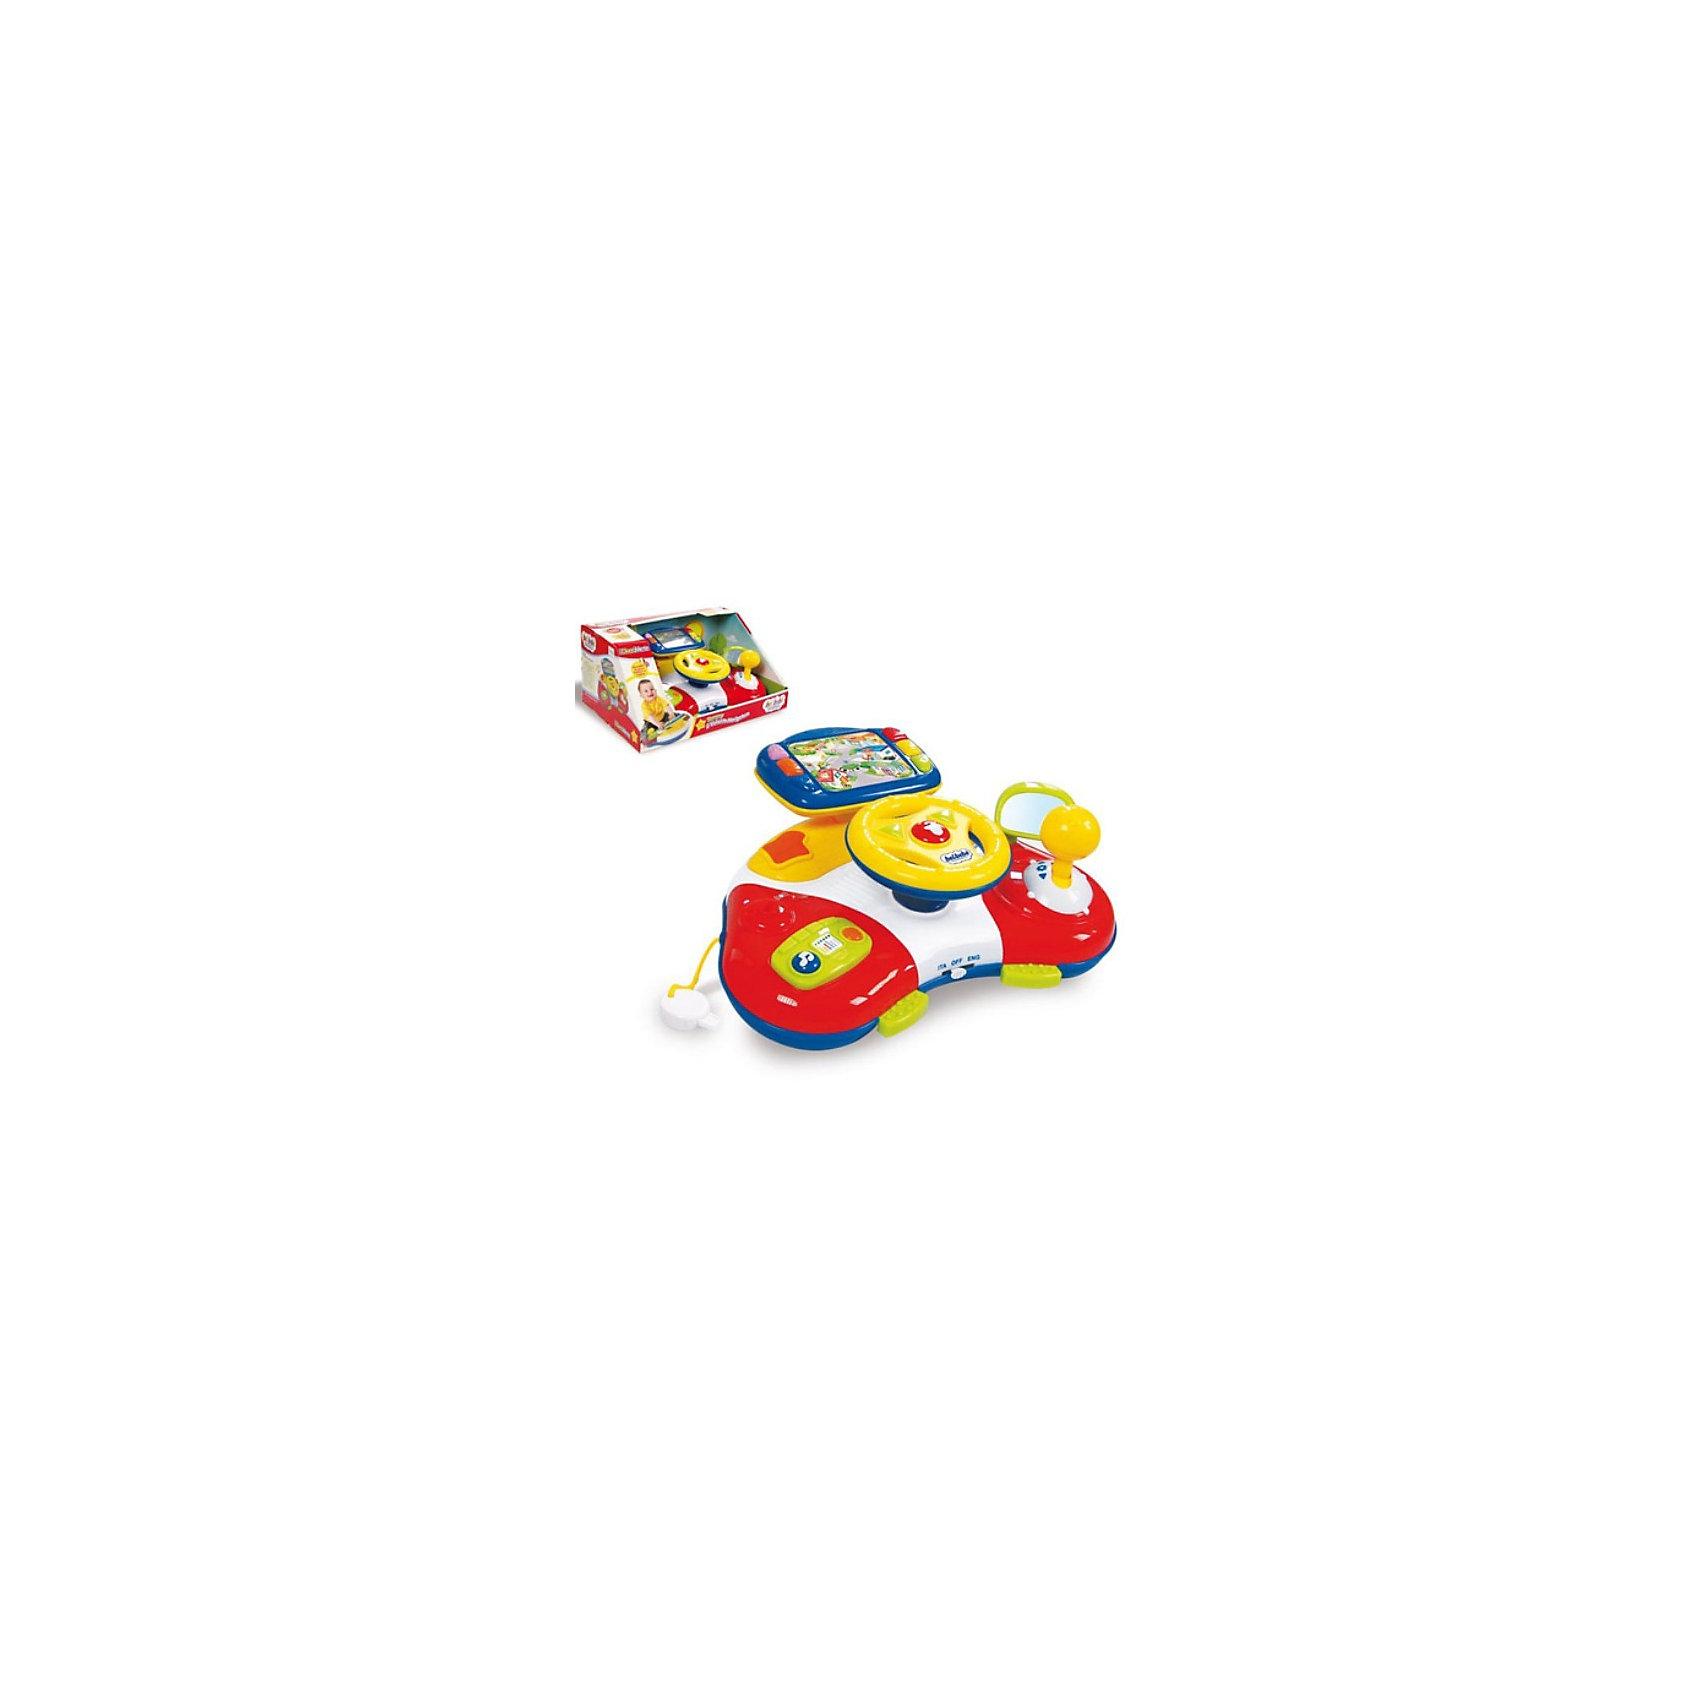 Clementoni Музыкальный навигатор ТоммиНавигатор Томми обучающая музыкальная игрушка, которая  включает в себя разнообразные электронные звуковые и световые эффекты, радио, дисплей с подсветкой, веселую музыку, крутящийся руль с ключом для зажигания и переключатель скоростей. Развивает моторику рук, воображение и ассоциативное восприятие. Инструкция и все надиписи на упаковке полностью русском языке.<br><br>Ширина мм: 400<br>Глубина мм: 280<br>Высота мм: 190<br>Вес г: 900<br>Возраст от месяцев: 12<br>Возраст до месяцев: 36<br>Пол: Унисекс<br>Возраст: Детский<br>SKU: 2539622